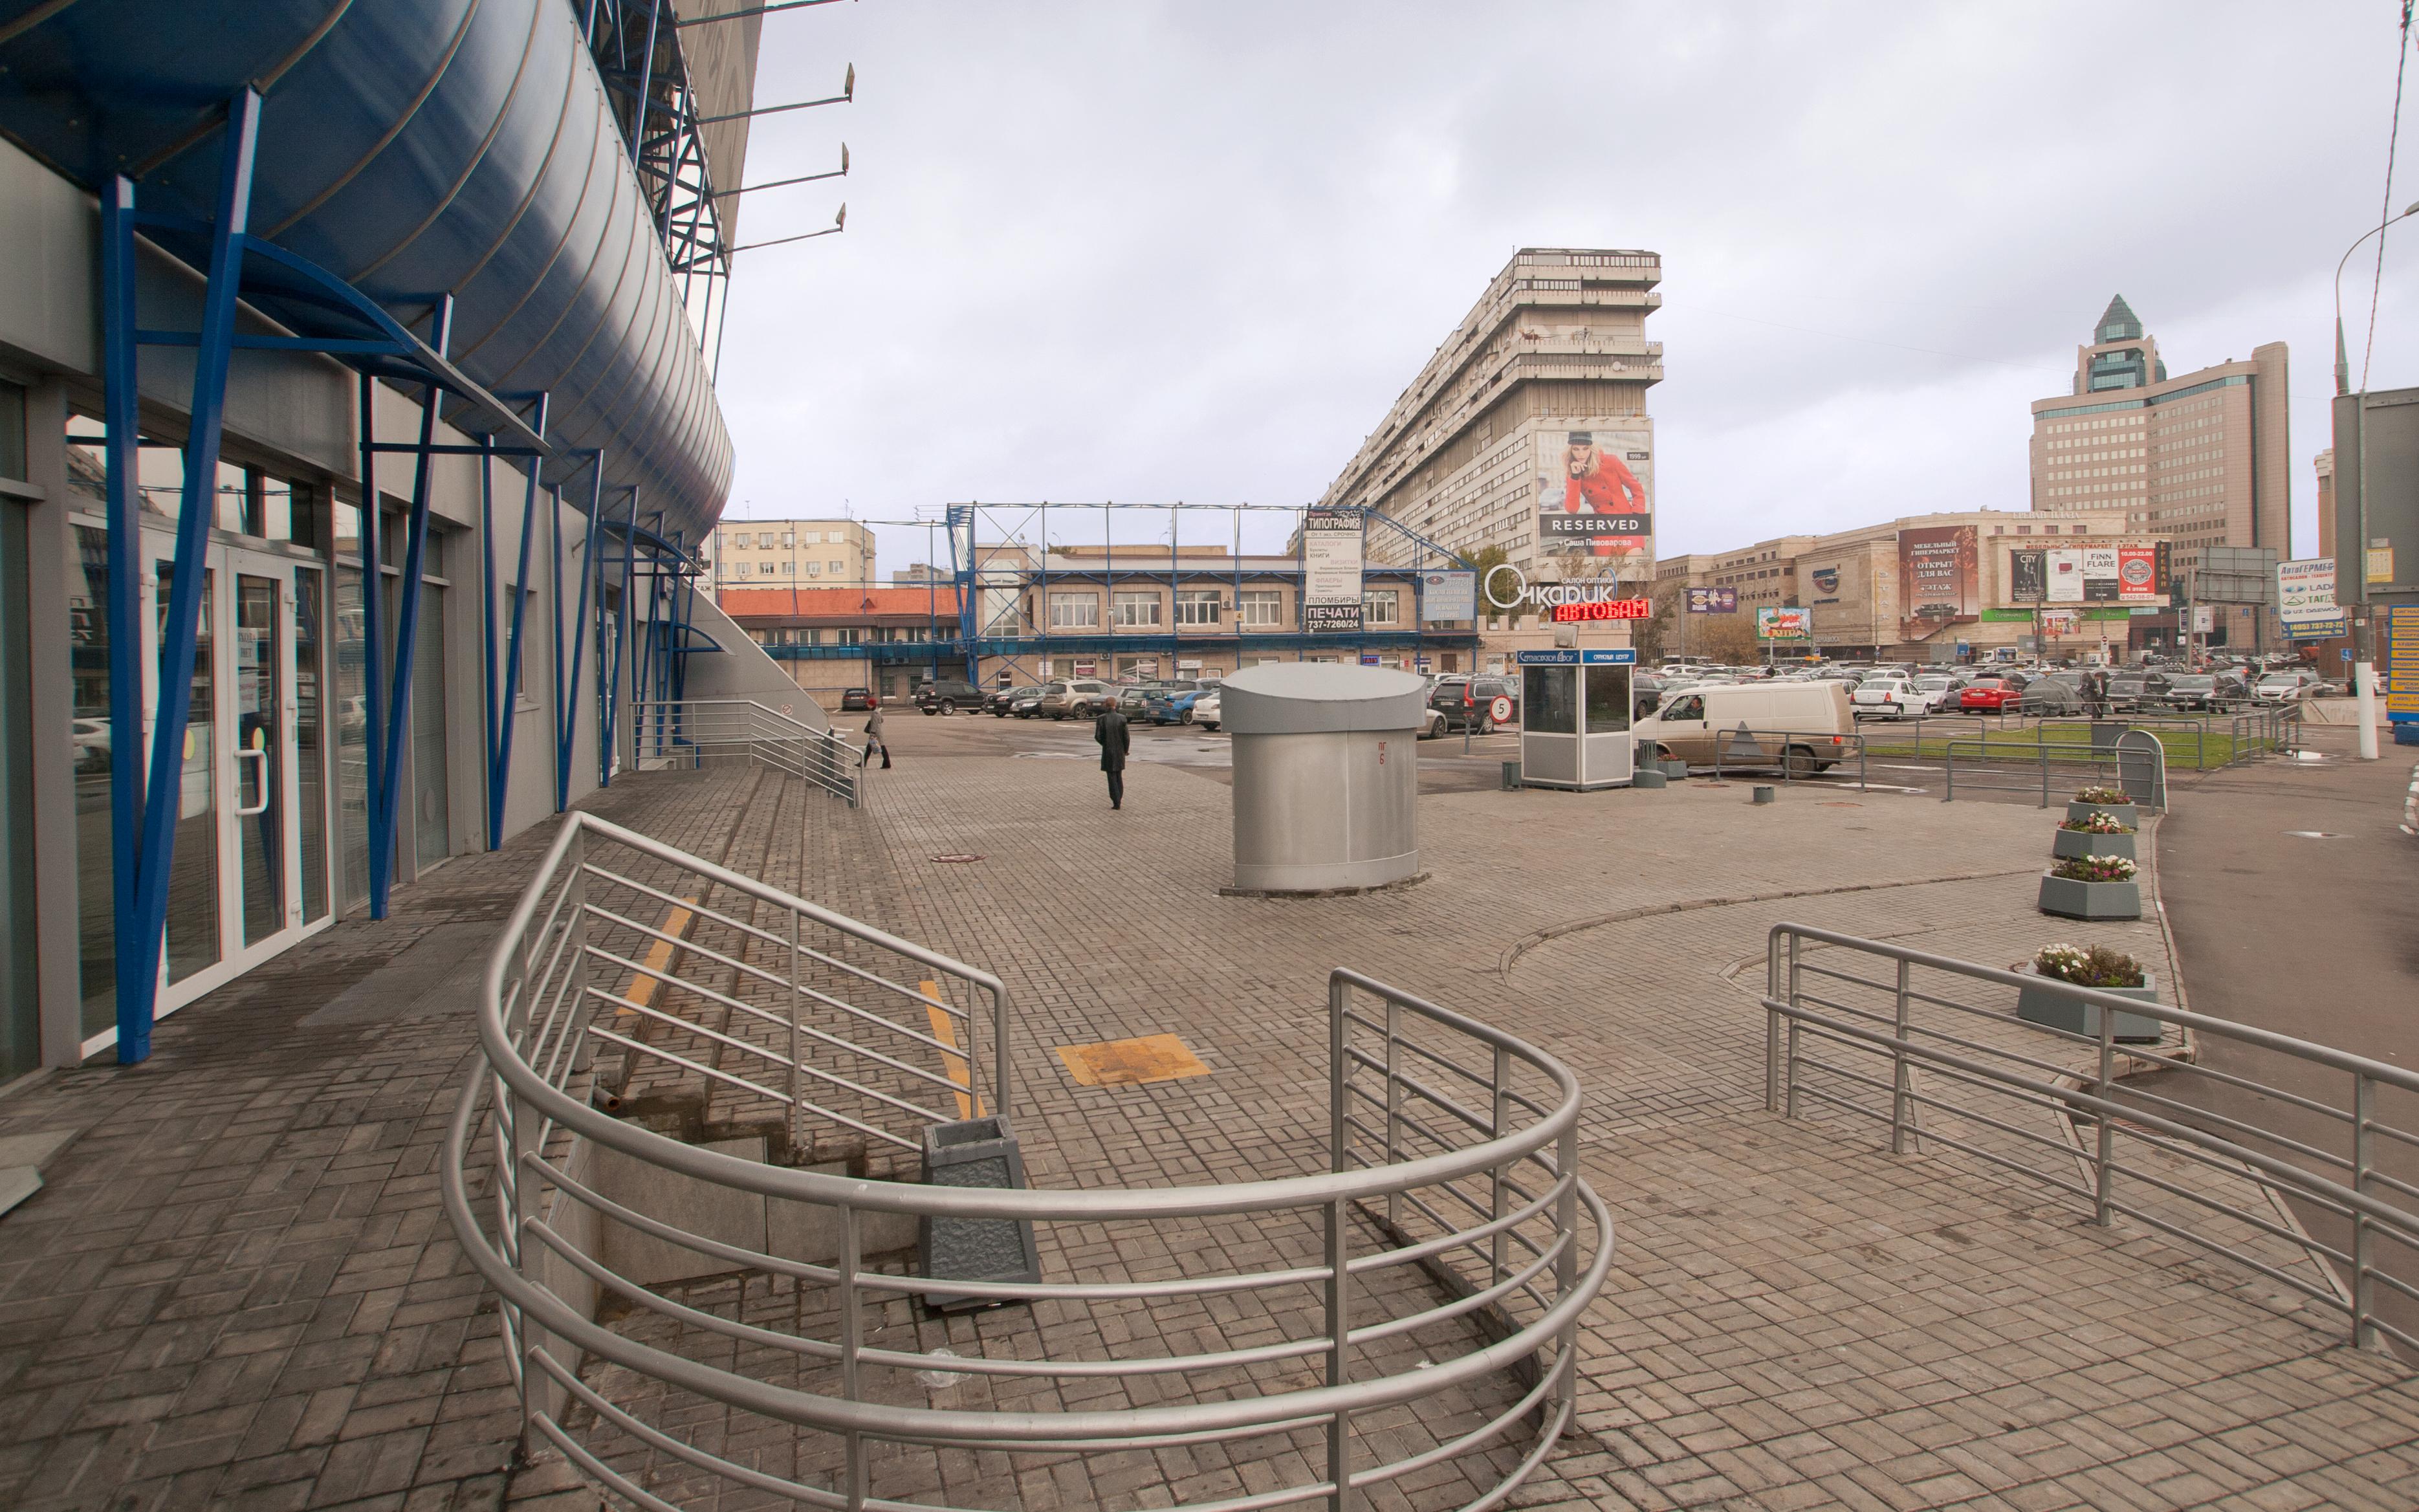 Площадь перед зданием.